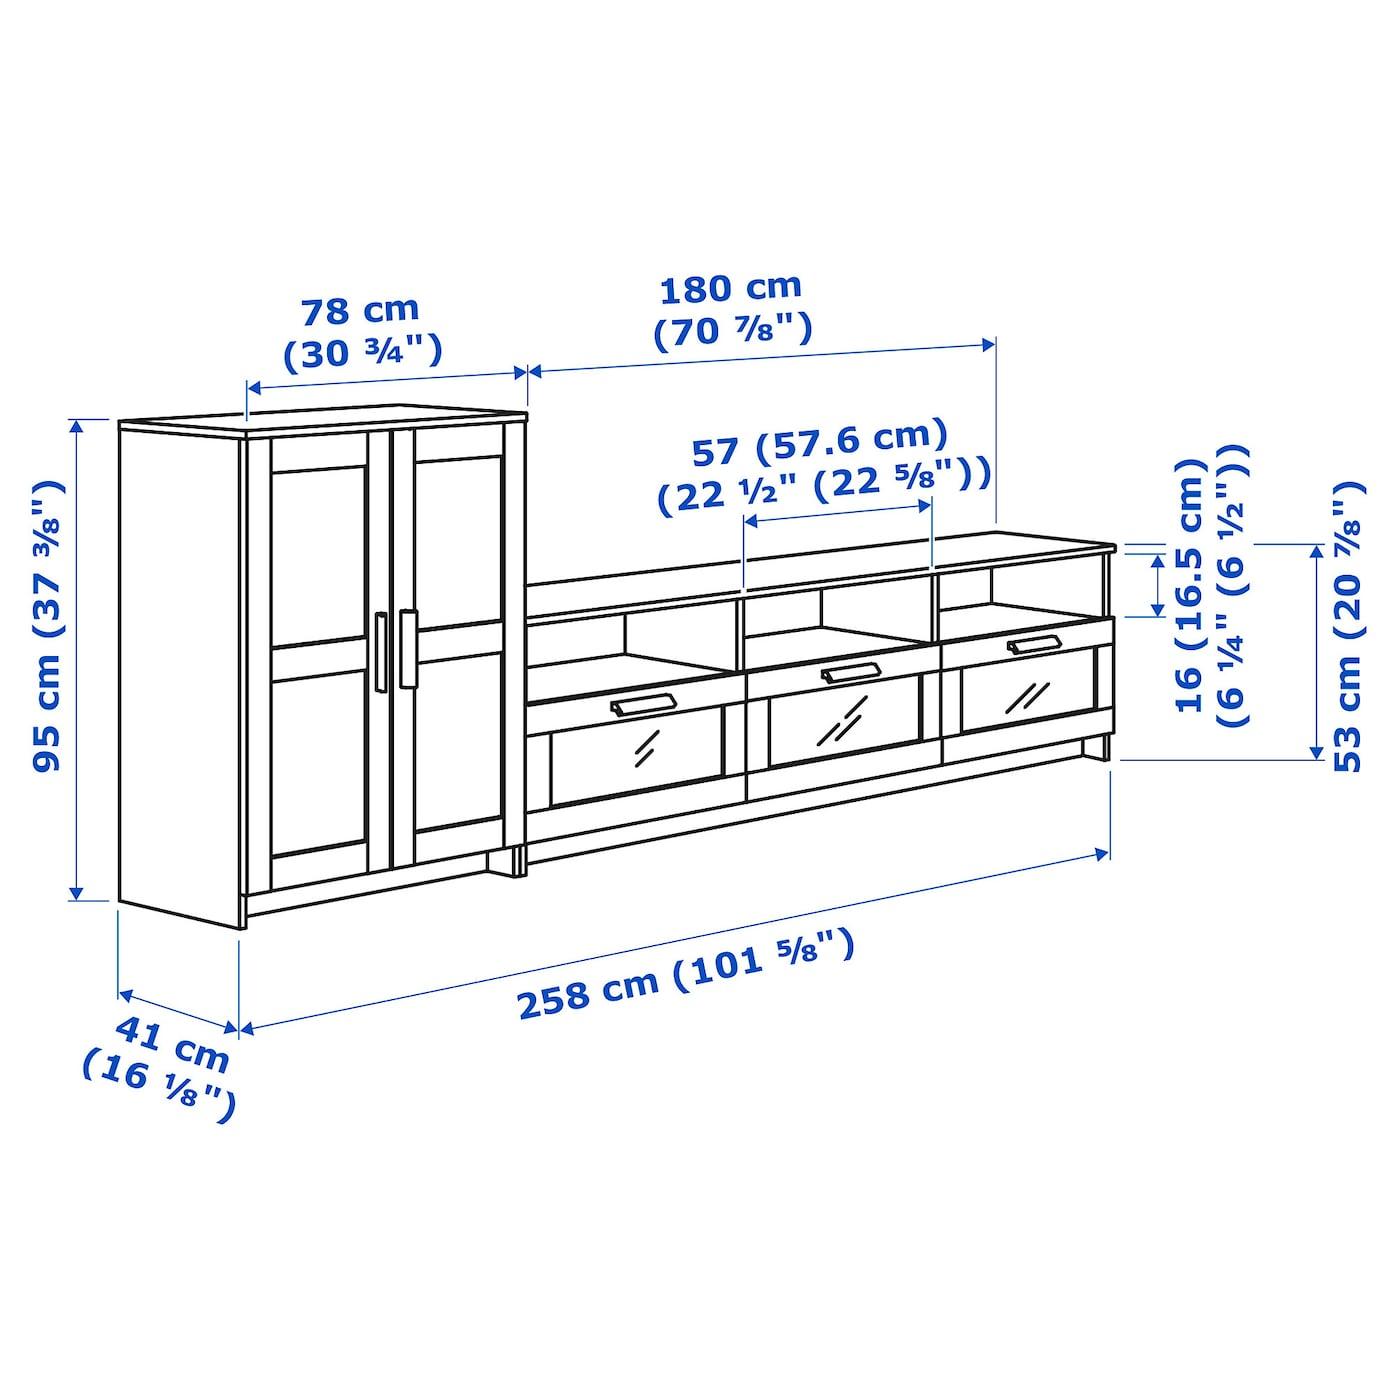 Brimnes Combinaison Meuble Tv Noir 258 X 41 X 95 Cm Ikea